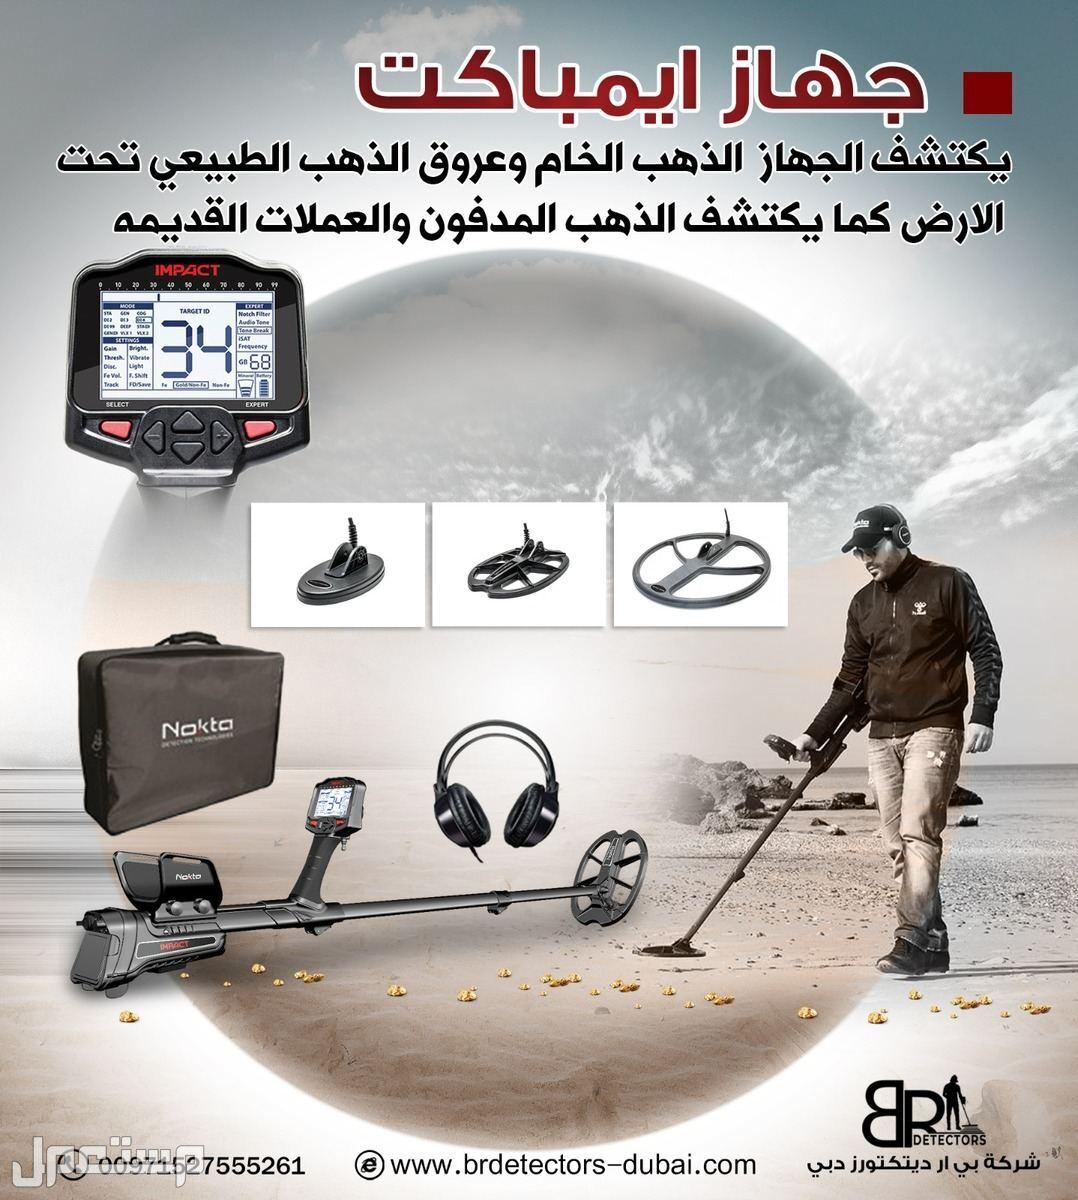 جهاز امباكت برو لكشف الذهب الخام - جهاز كشف الذهب في السعودية جهاز امباكت برو لكشف الذهب الخام - جهاز كشف الذهب في السعودية